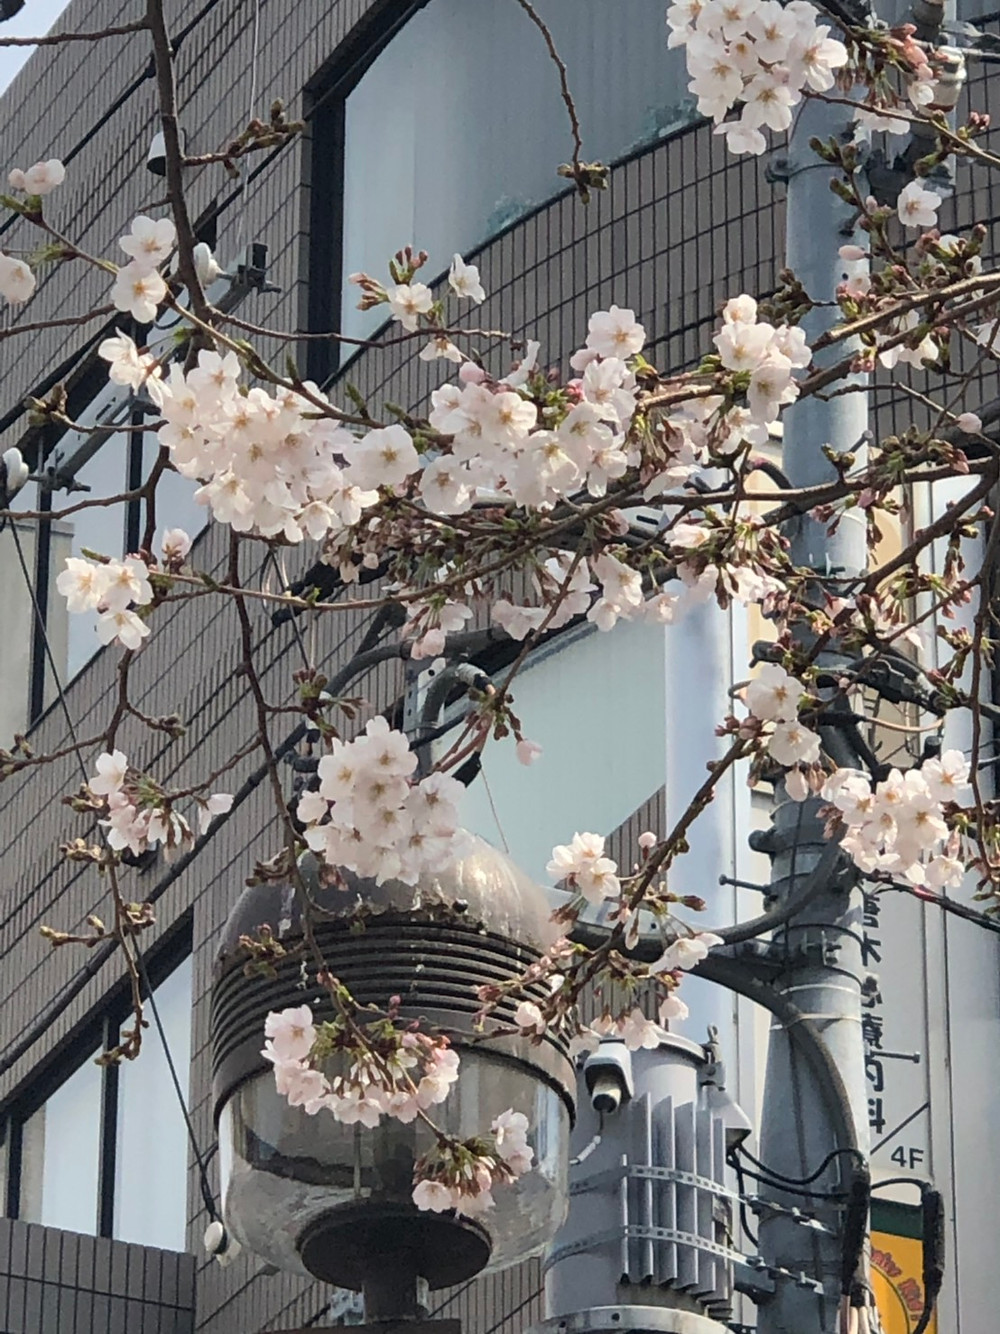 九品仏川緑道の桜(2019.3.25撮影)